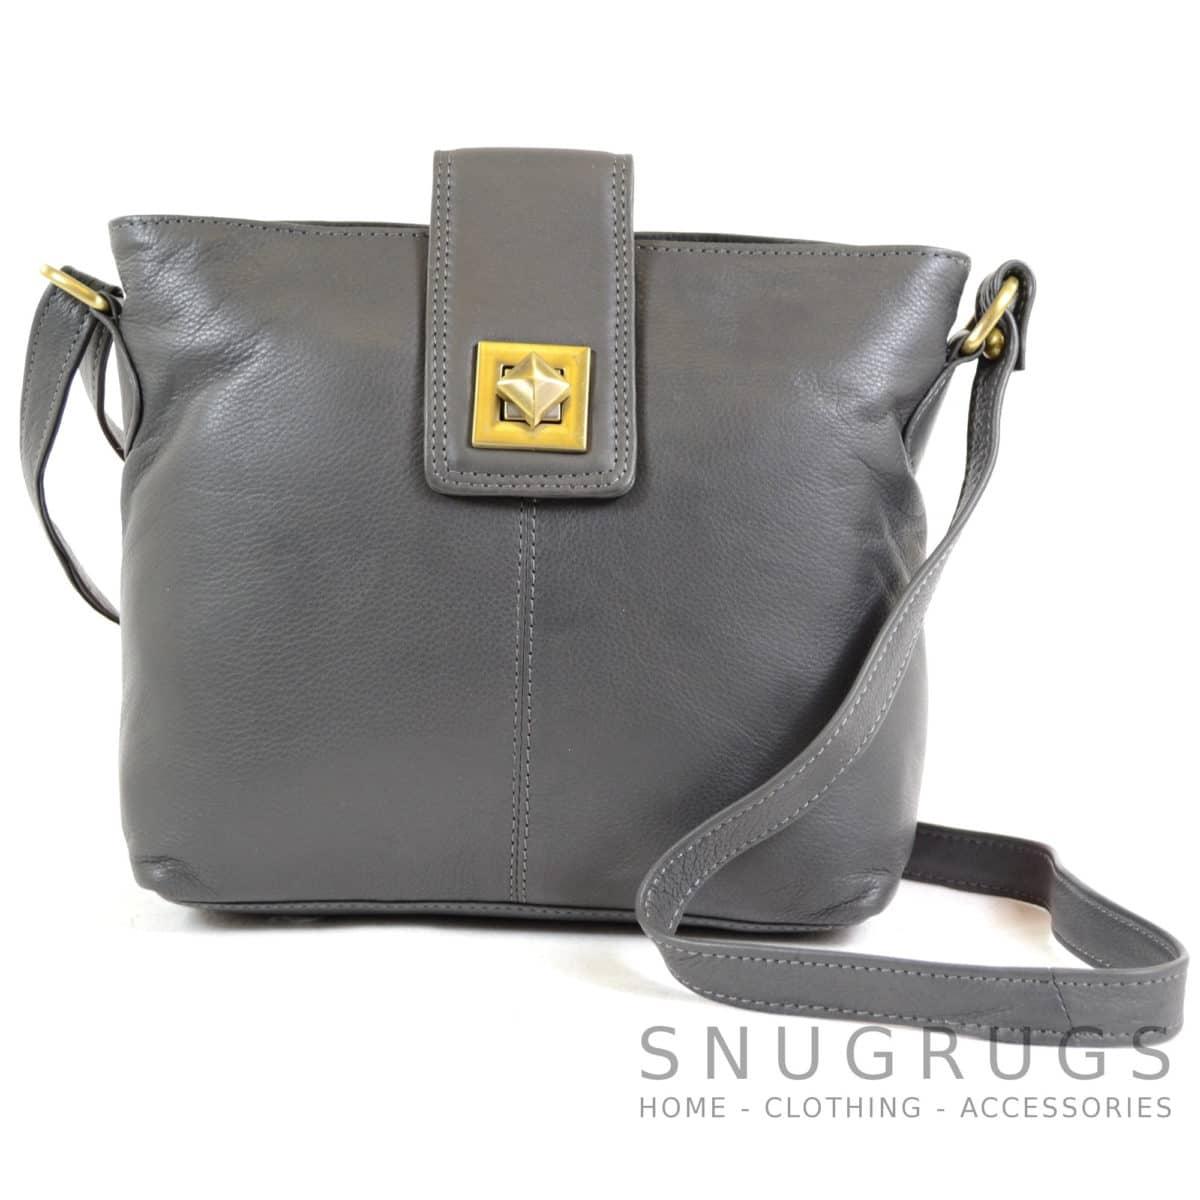 Lola - Soft Leather Shoulder / Cross Body Bag